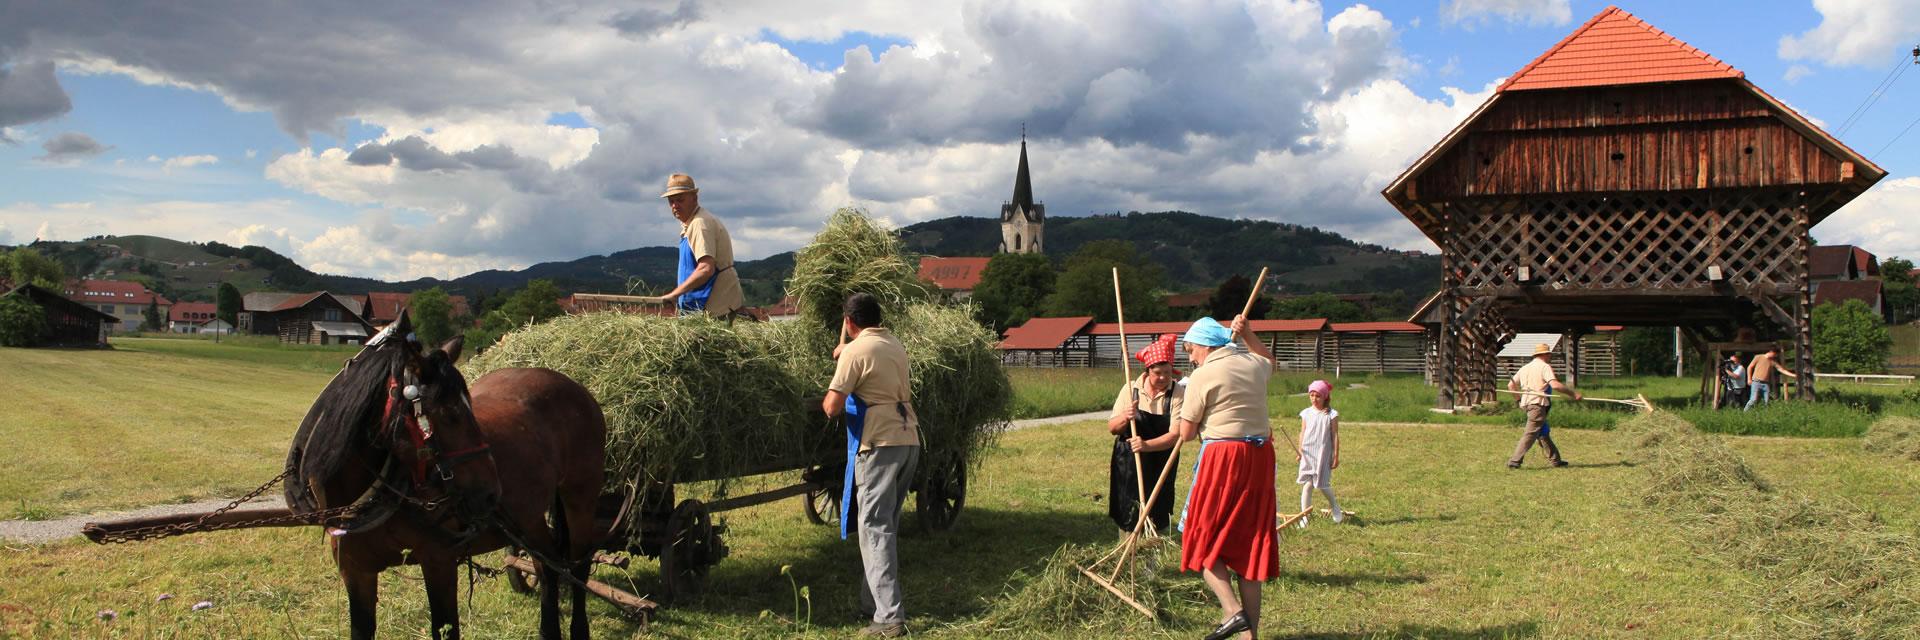 Dežela kozolcev - spravilo sena